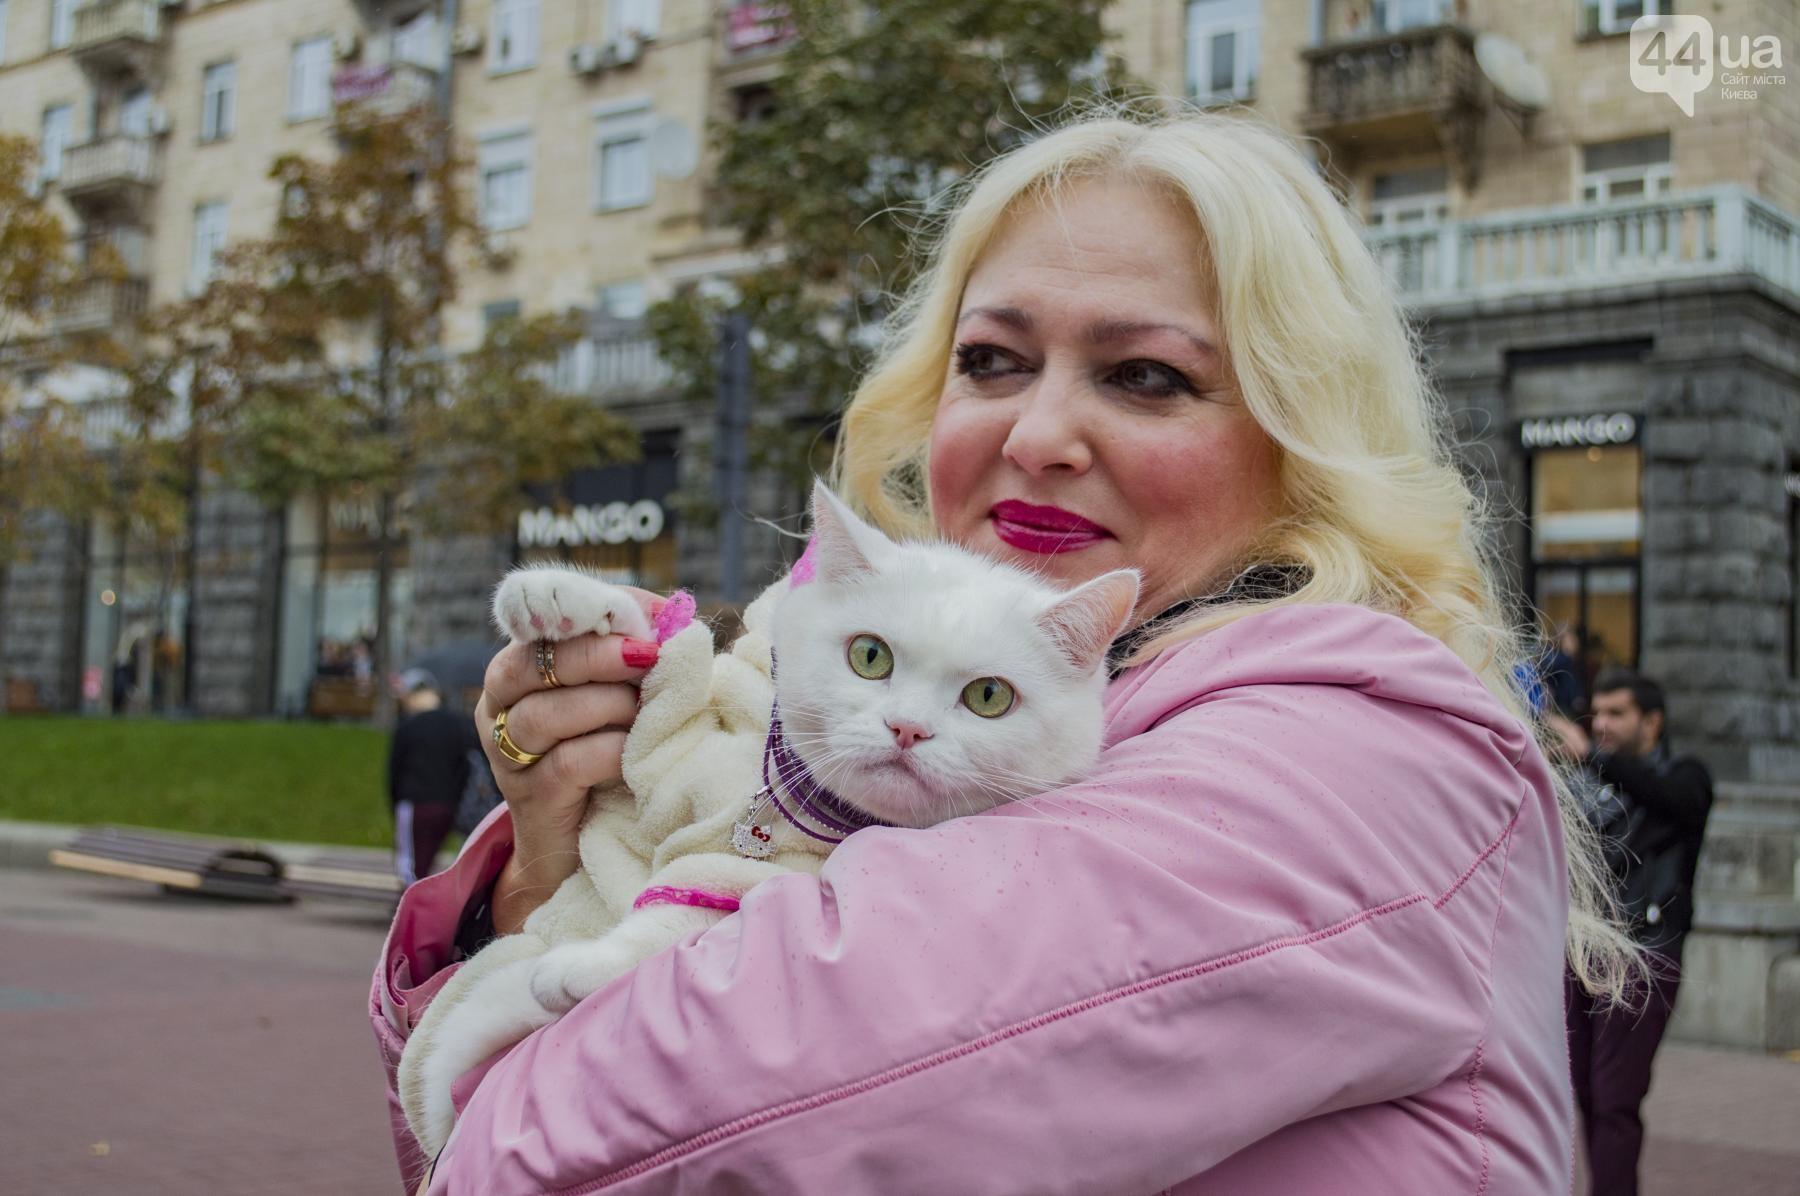 Зоозащитники митингуют! В Киеве прошел ежегодный марш за права животных: вот как всё было! рис 6